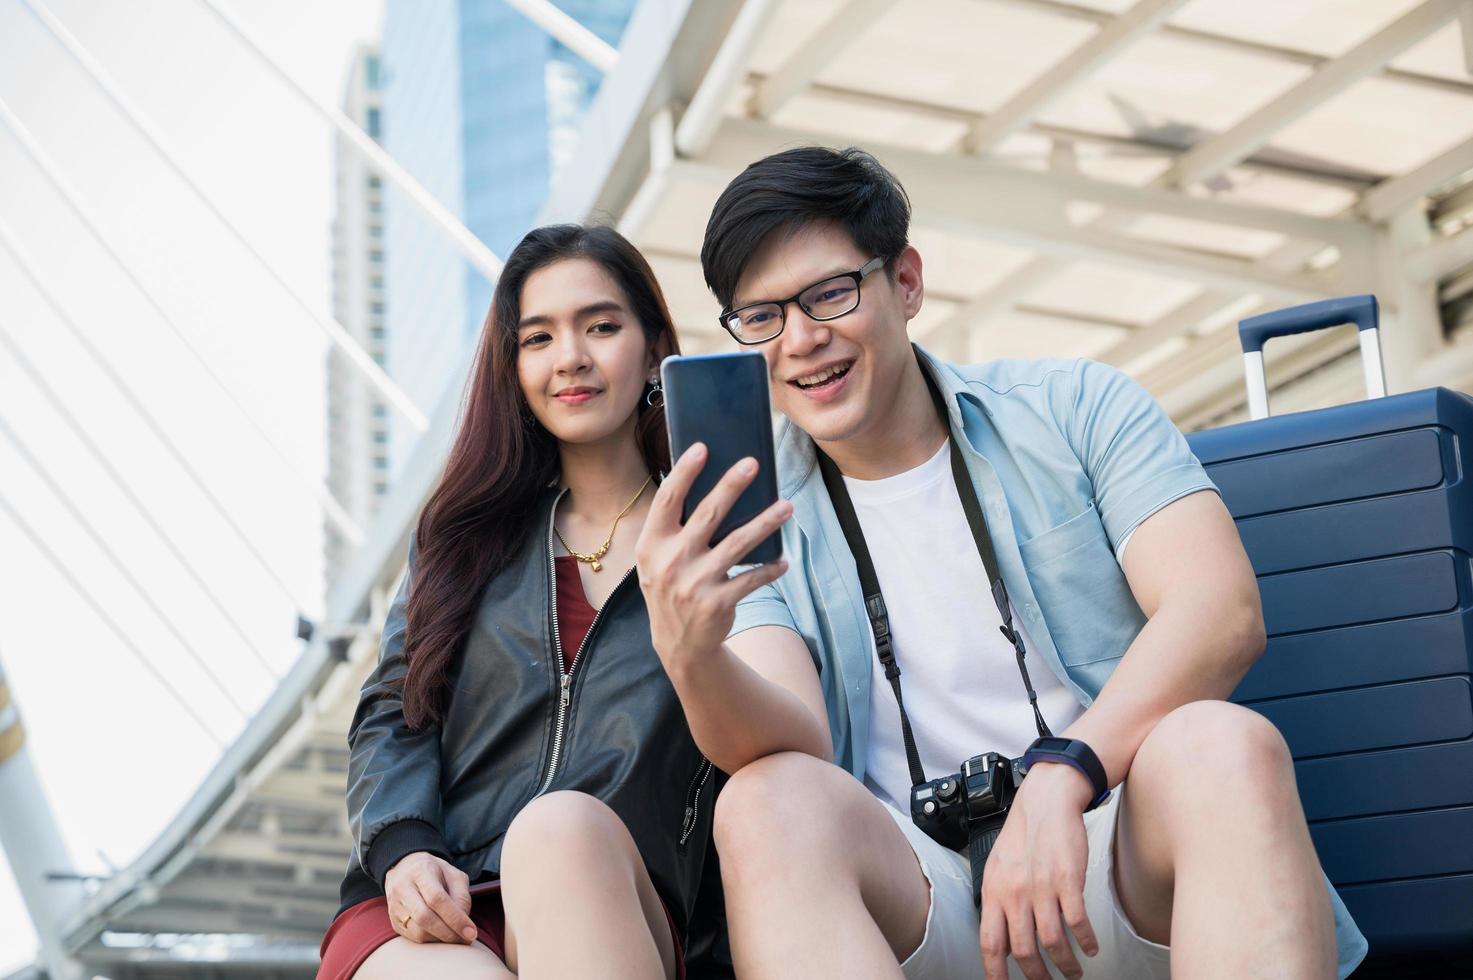 un amoureux des voyages utilise un smartphone pour trouver l'emplacement photo